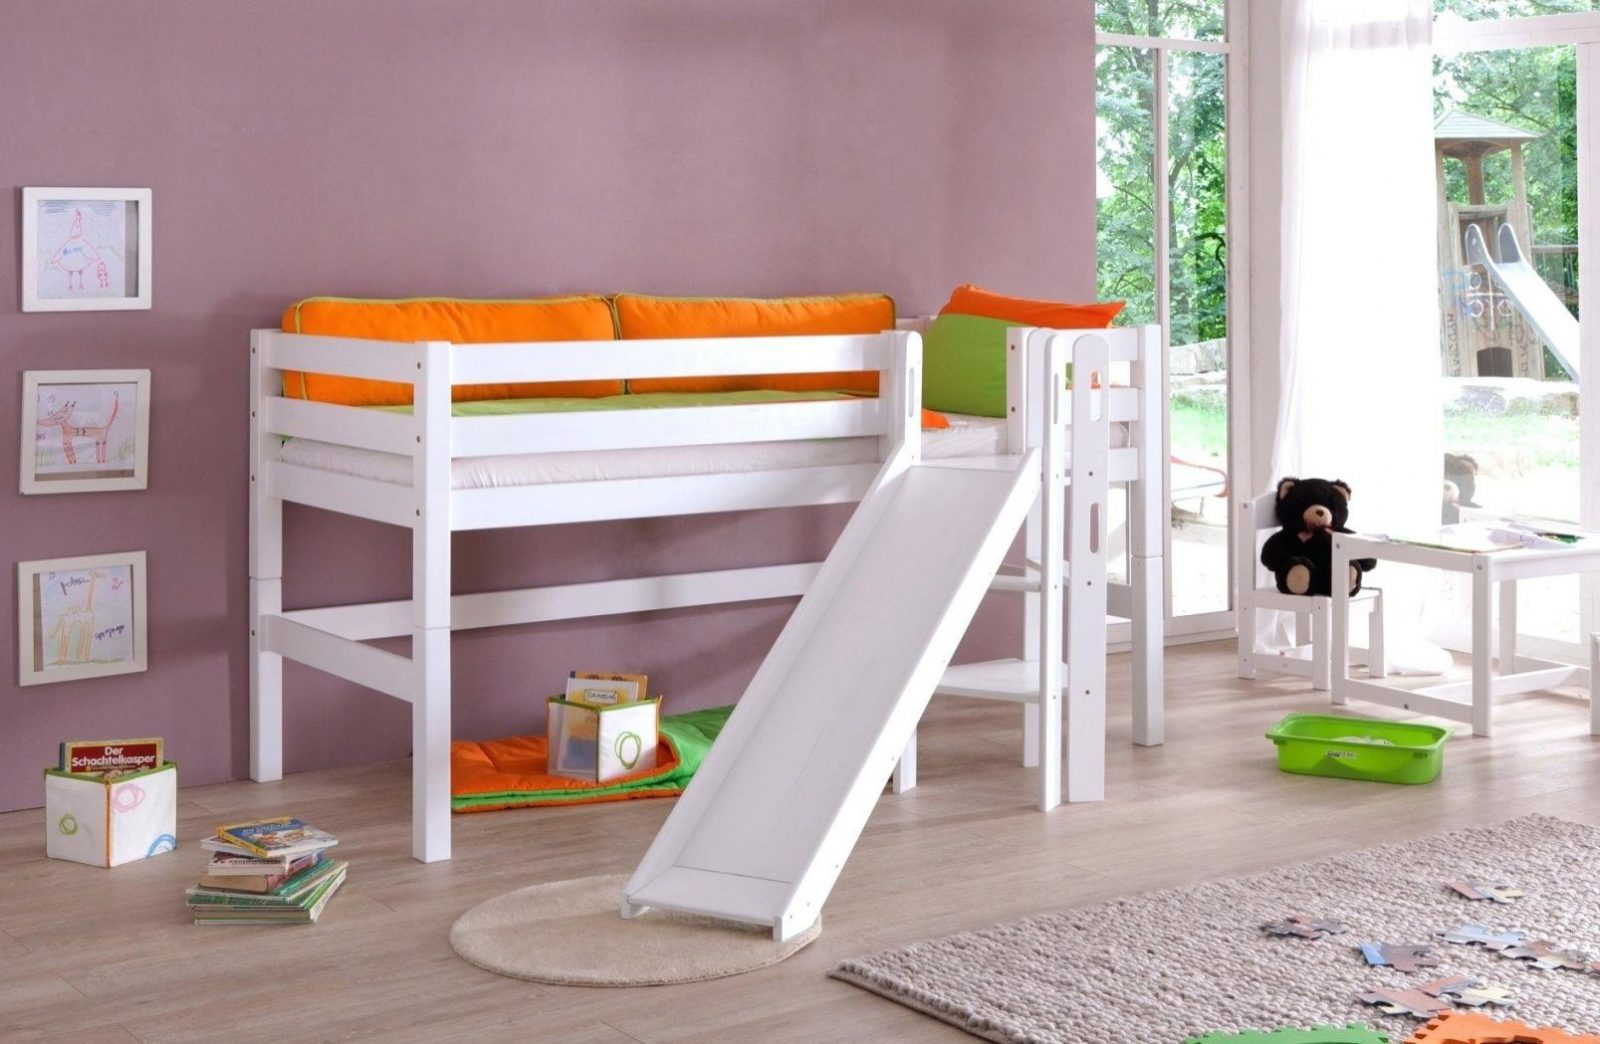 Kinderhochbett Selber Bauen Hochbett Mit Ikea Mabeln Designs Von von Bett Rutsche Selber Bauen Photo